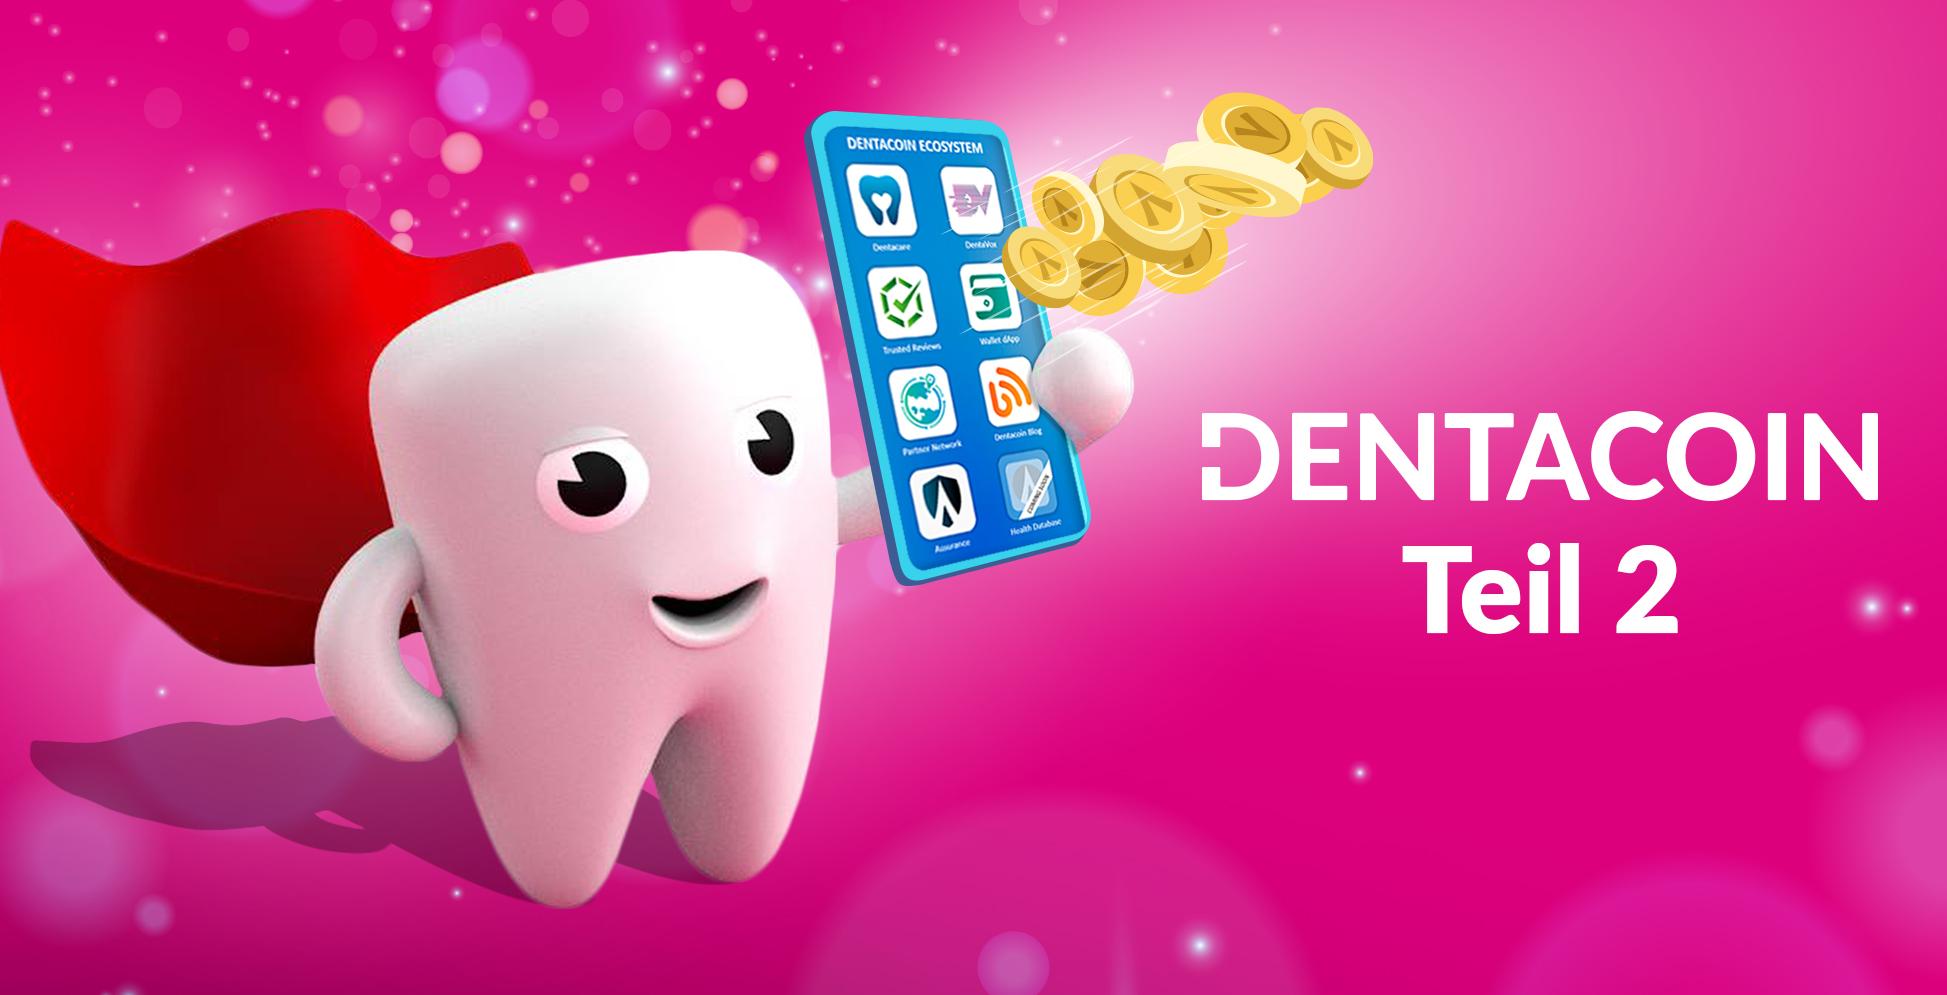 Mit Dentacoin neue Patienten gewinnen und langfristig binden